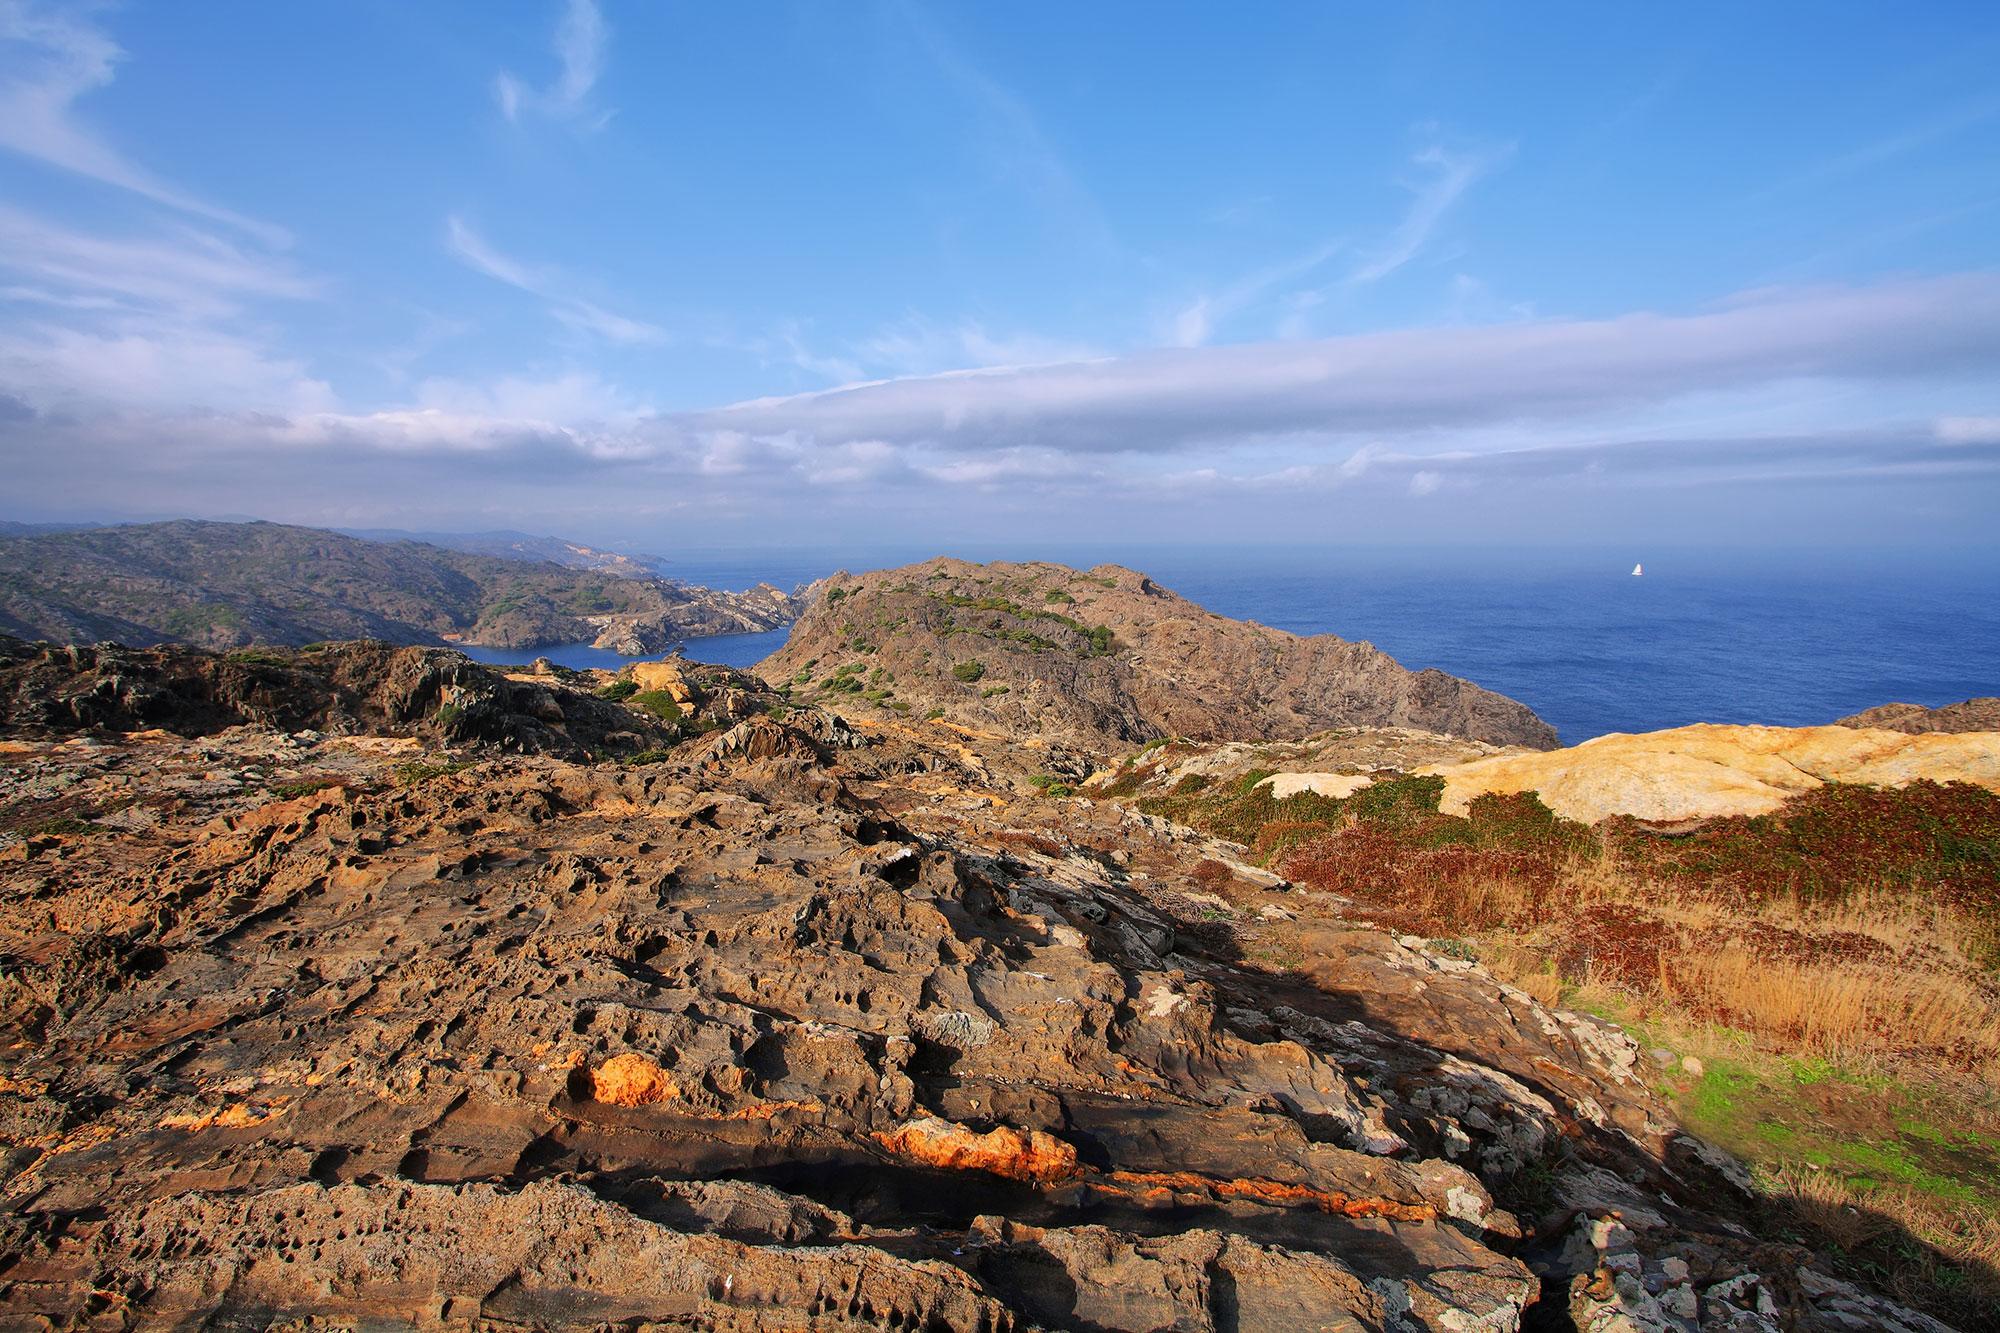 Randonnée au Cap de Creus